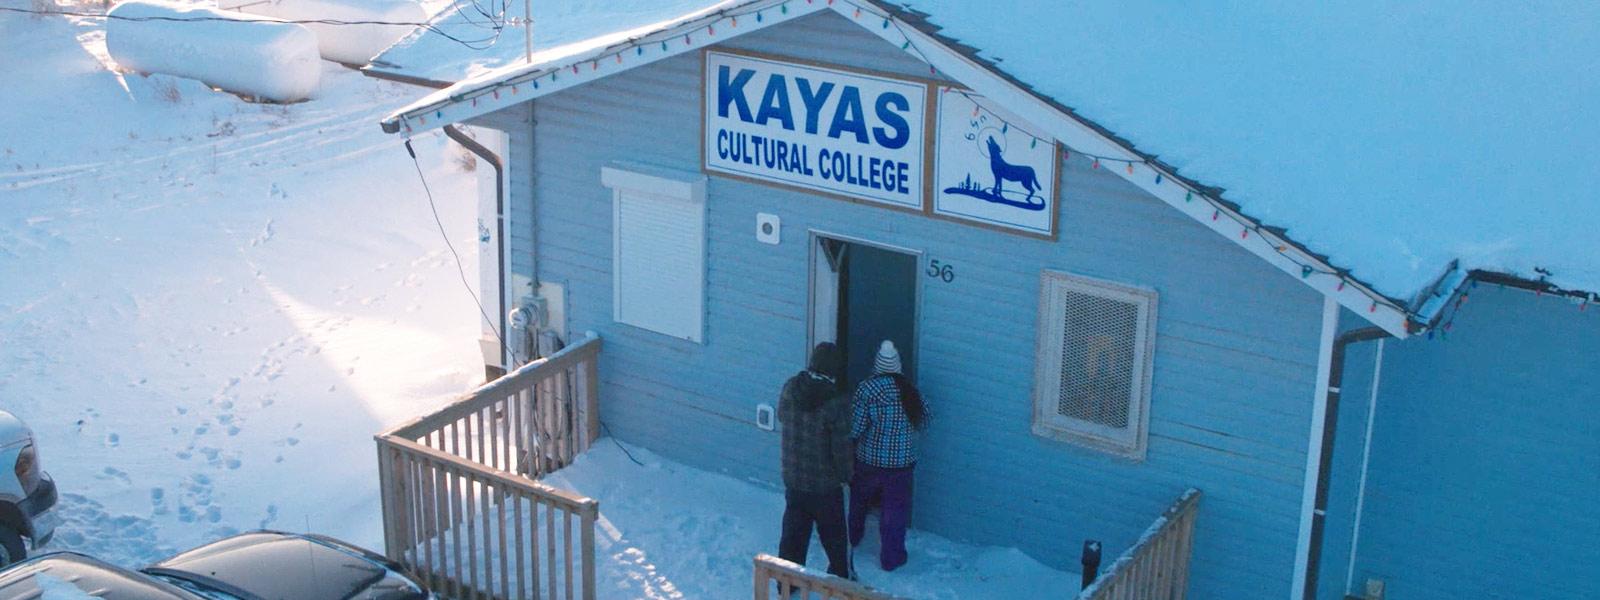 L'esterno di un edificio del Kayas Cultural College in un giorno di neve e due studenti che entrano.